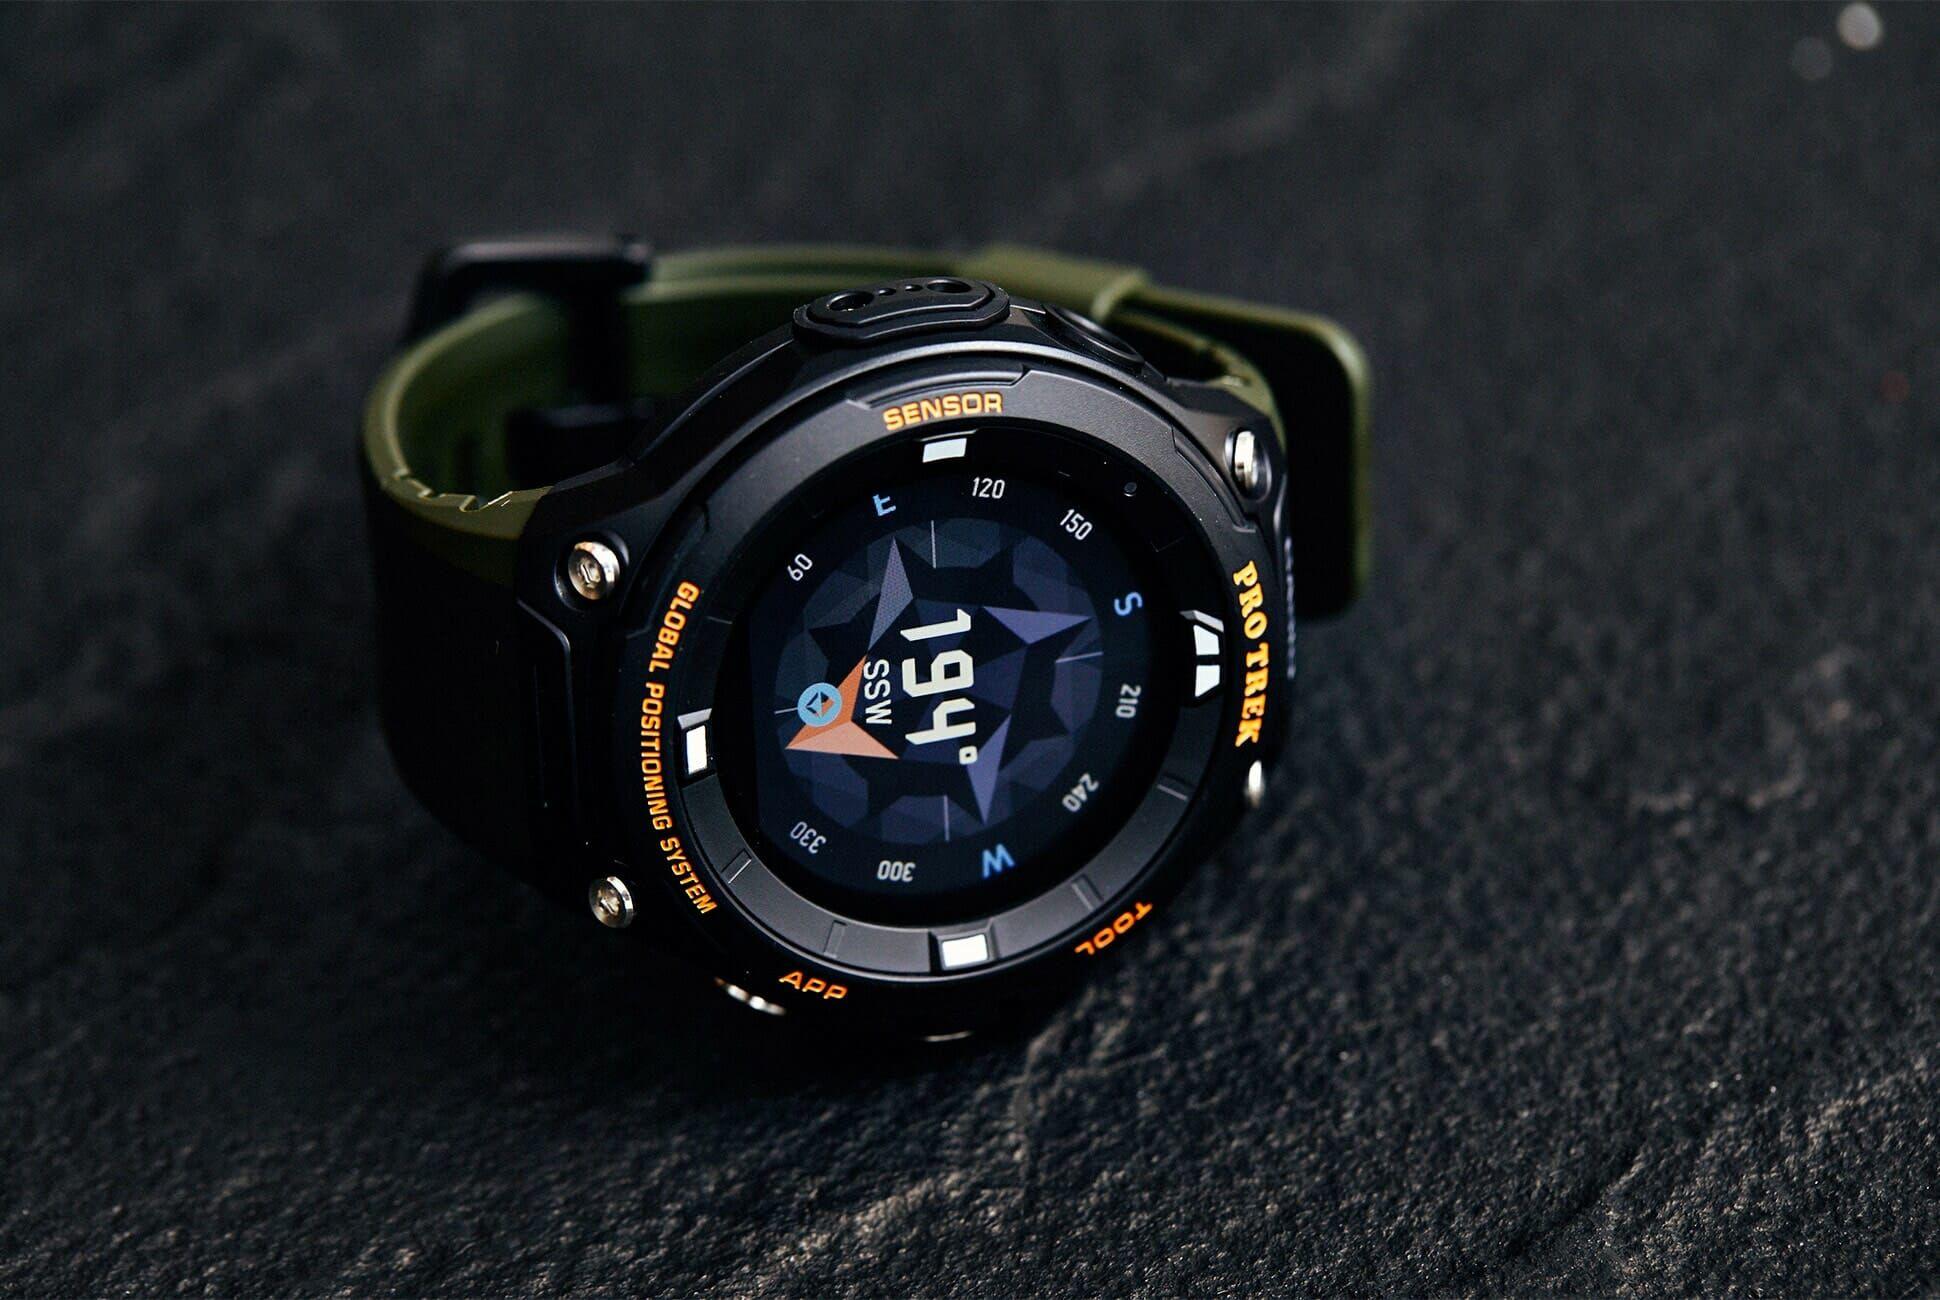 Casio-Pro-Trek-Sponsored-Gear-Patrol-Slide-1